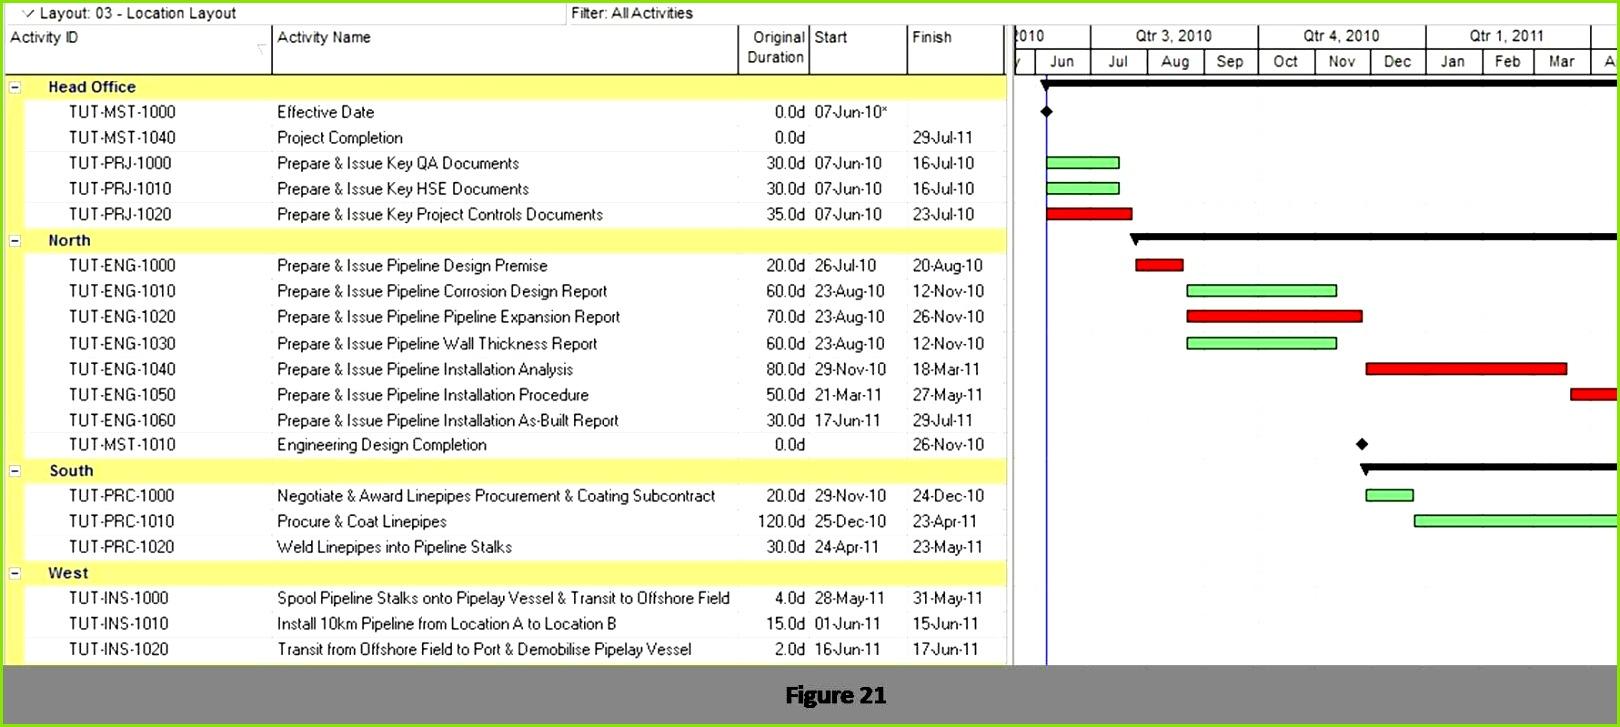 Medikamentenplan Vorlage Druckbare Schichtplan Excel Vorlage Kostenlos 15 Medikamentenplan Muster Die Besten Medikamentenplan Vorlage